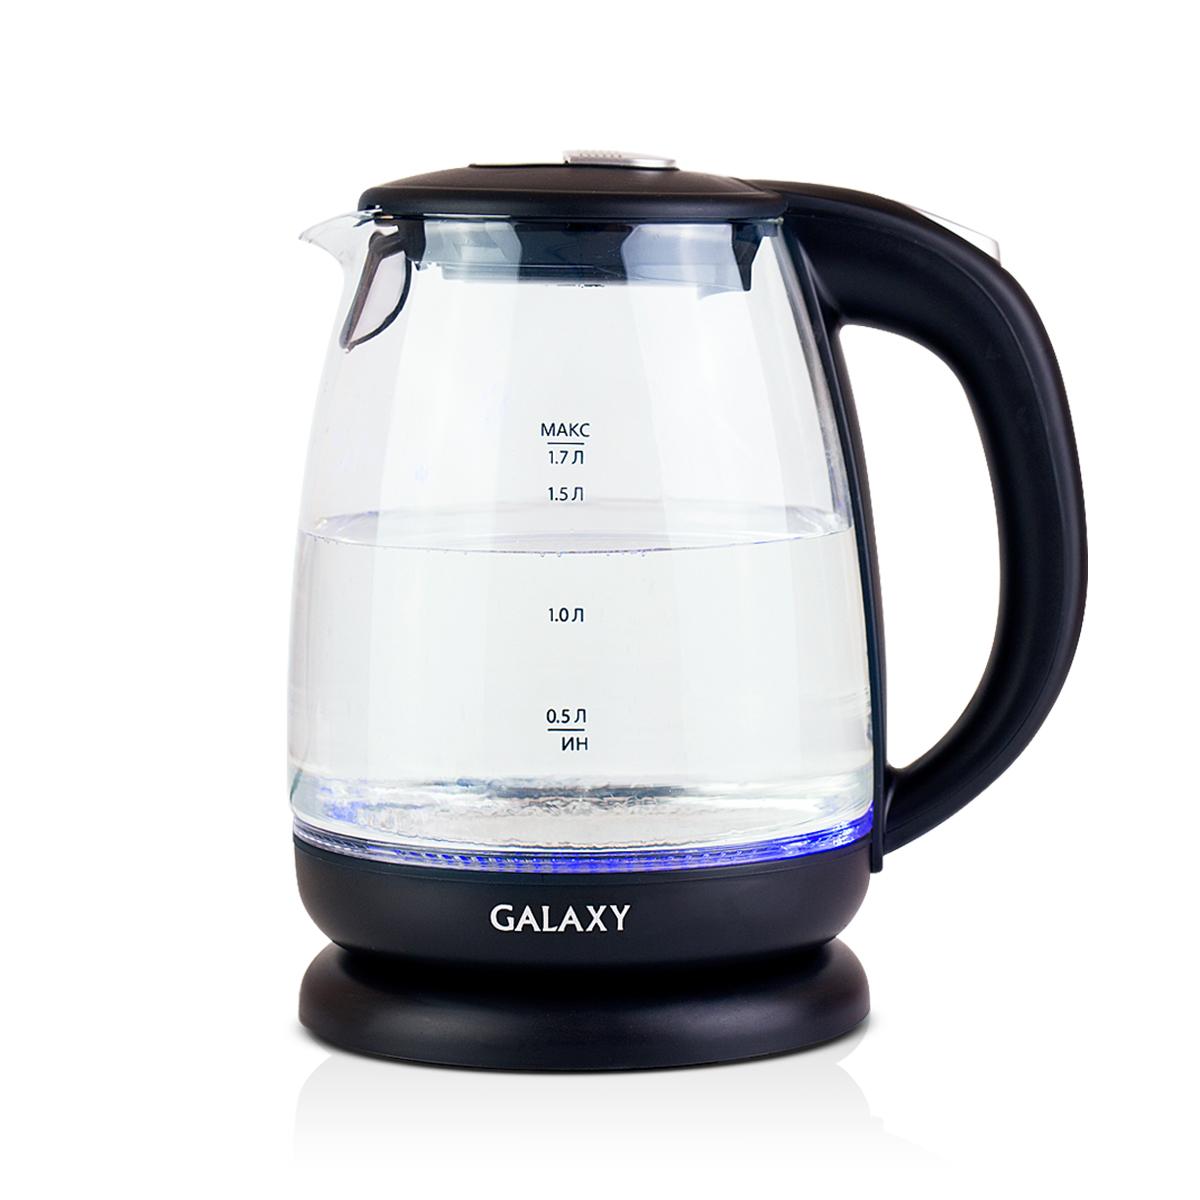 Galaxy GL 0550, Black чайник электрический4630003367662Электрический чайник Galaxy GL 0550 отвечает всем современным требованиям надежности и безопасности. При его производстве используются только высококачественные и экологически безопасные материалы, а также нагревательный элемент и контроллеры высокого класса надежности. Устройство будет служить вам долгие годы, наполняя ваш быт комфортом!Galaxy GL 0550 - это мощная (2200 Вт) модель объемом 1,7 л. С помощью этого чайника вы сможете приготовить чай на большую компанию за считанные минуты. Вращающийся корпус сделает использование чайника еще более удобным, а фильтр избавит от попадания накипи в чашку.